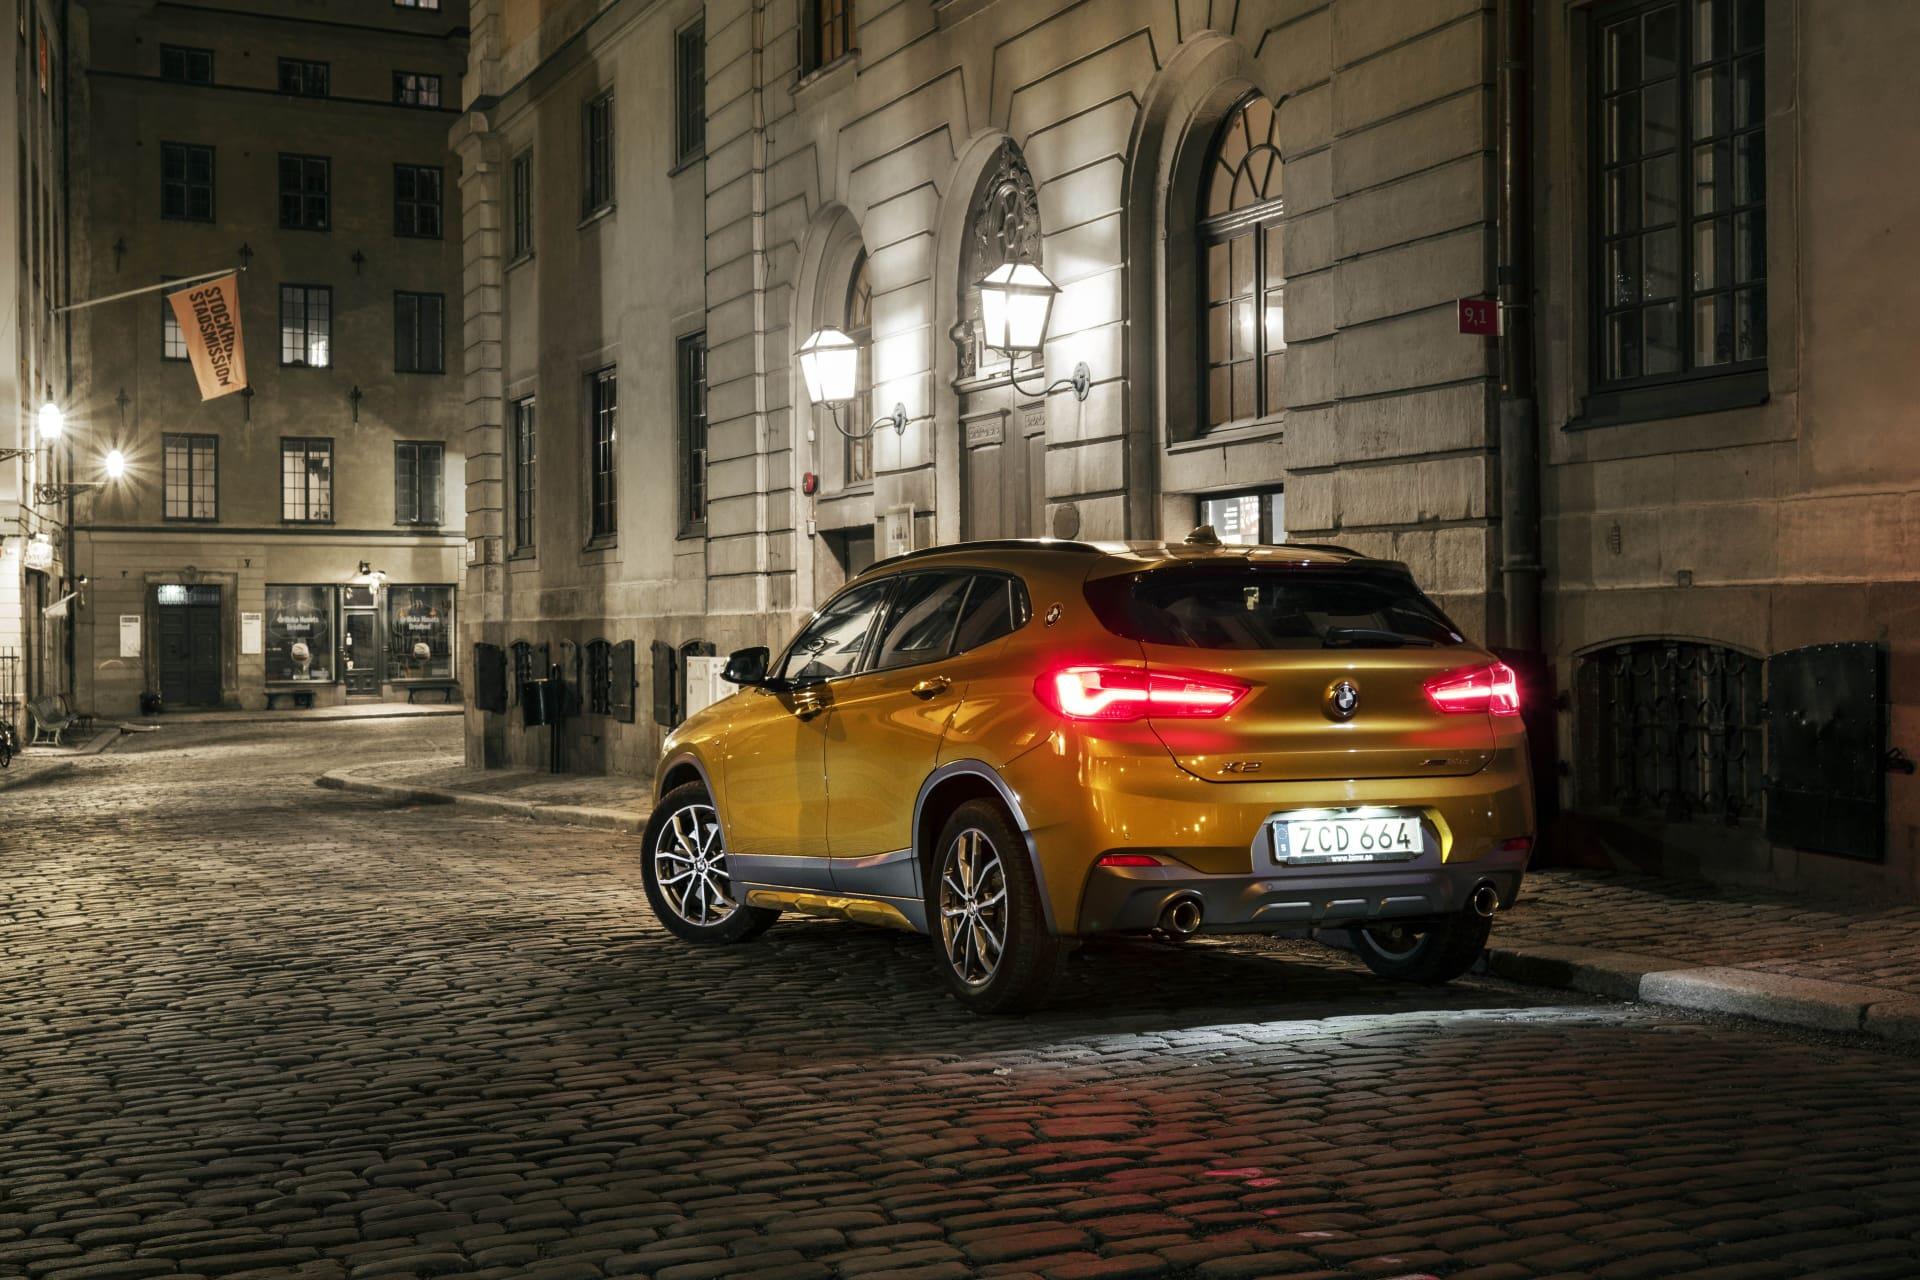 Den guld oranga introduktionsfärgen på X2 får bilen att sticka ut ordentligt från mängden.